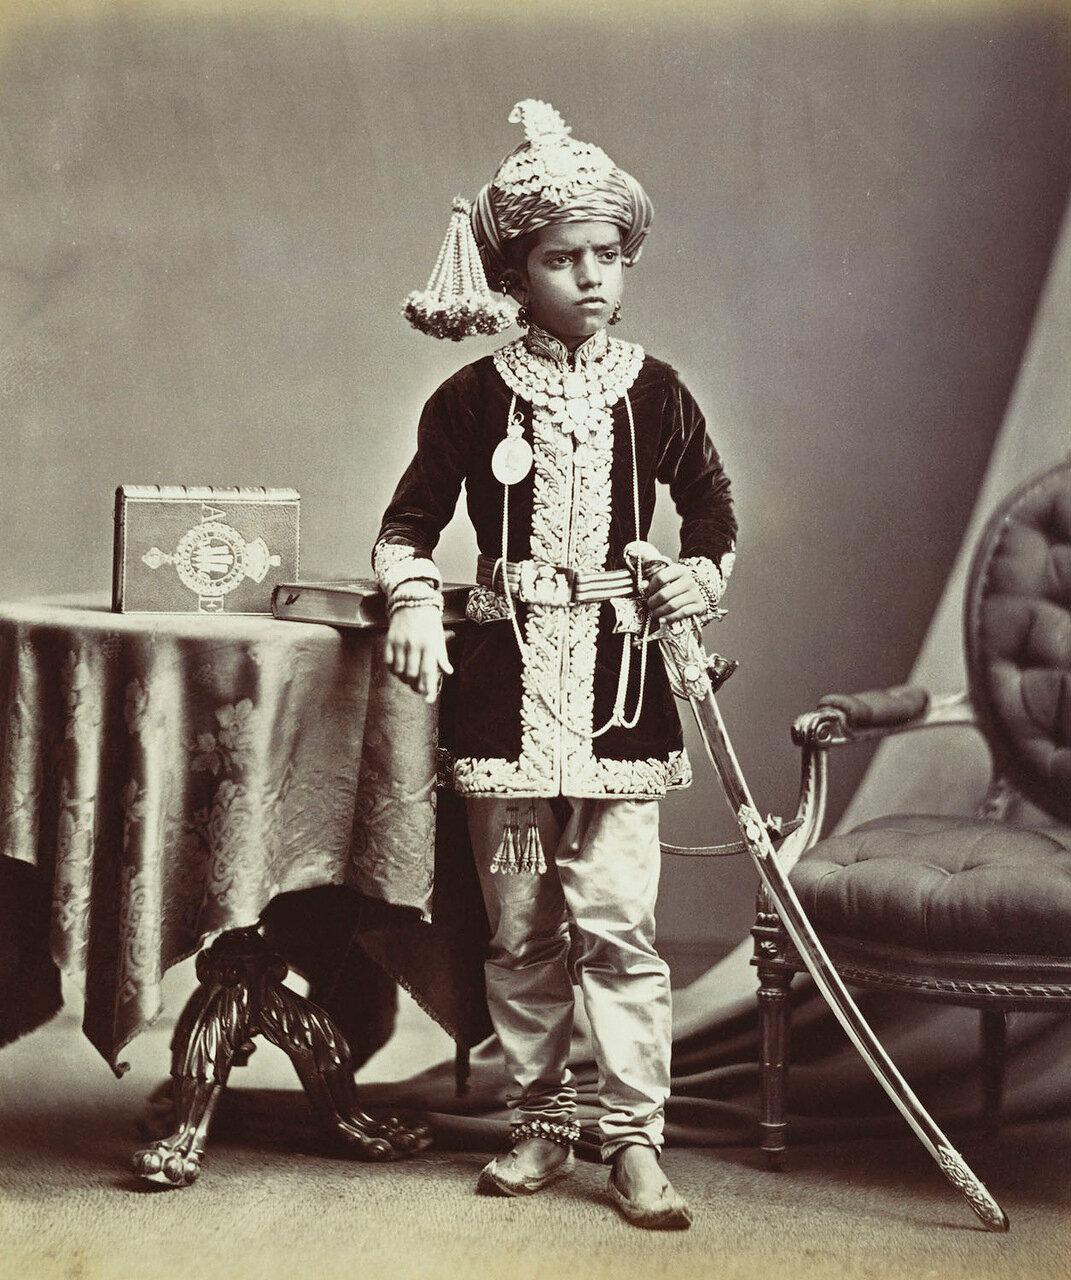 Саяджи III , Гаеквад (1875-1938) из княжества Барода